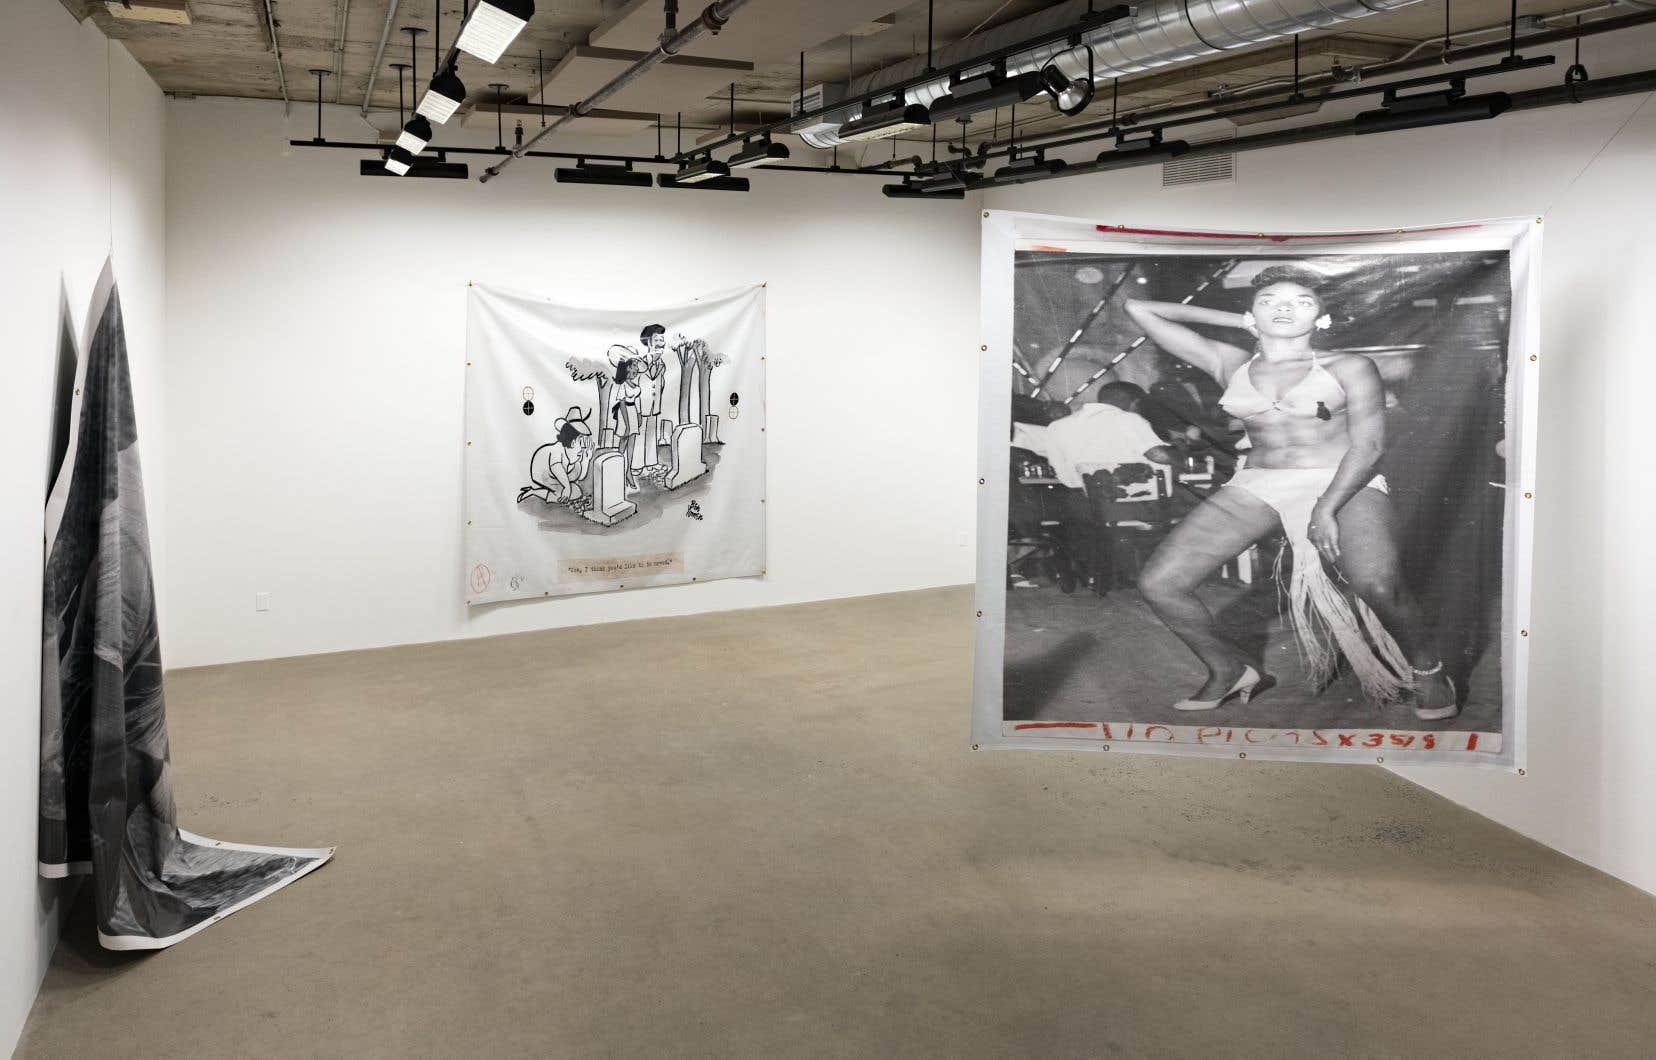 Vue de l'expo «The Banner Waves Calmly», de Theaster Gates. La bannière accrochée au mur s'intitule «Death Knows No Peace» et celle suspendue, «Dancehall Dance».